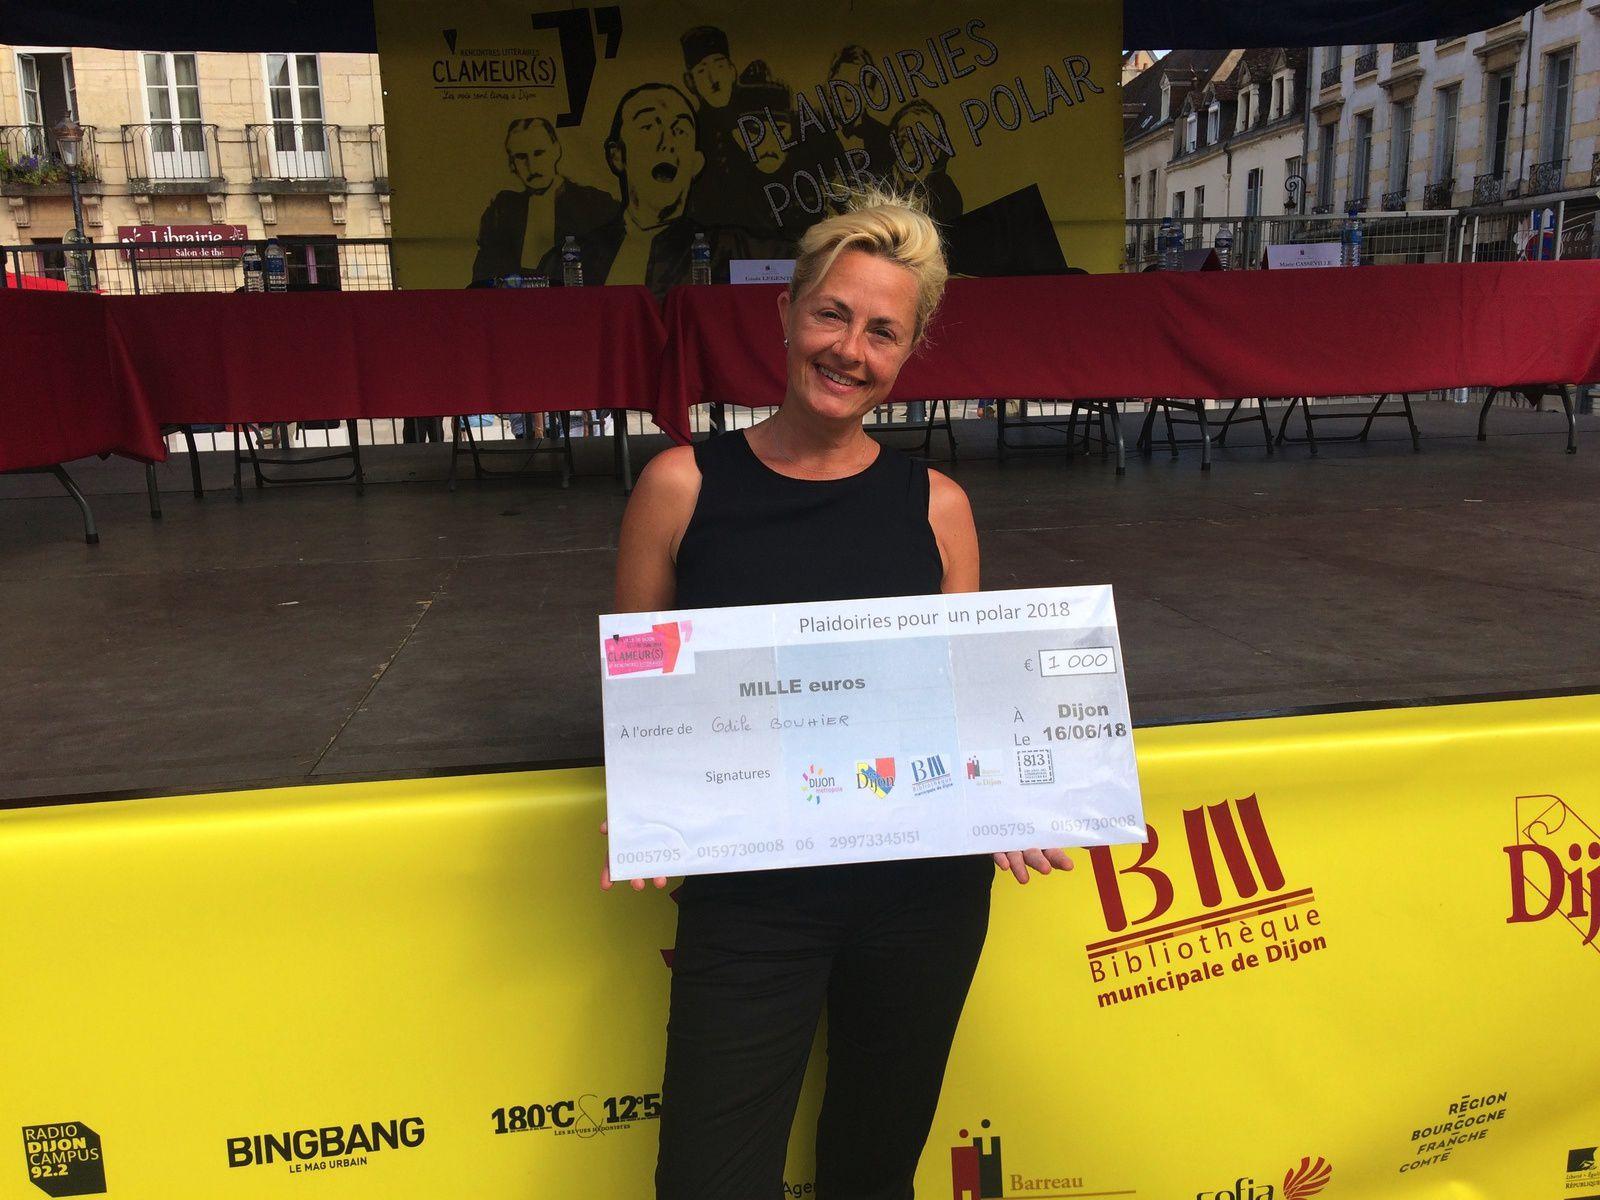 Odile Bouhier, acquittée, lauréate du prix PPP, doté de 1000€ (ordre des avocats + bibliothèques municipale de la ville de Dijon).